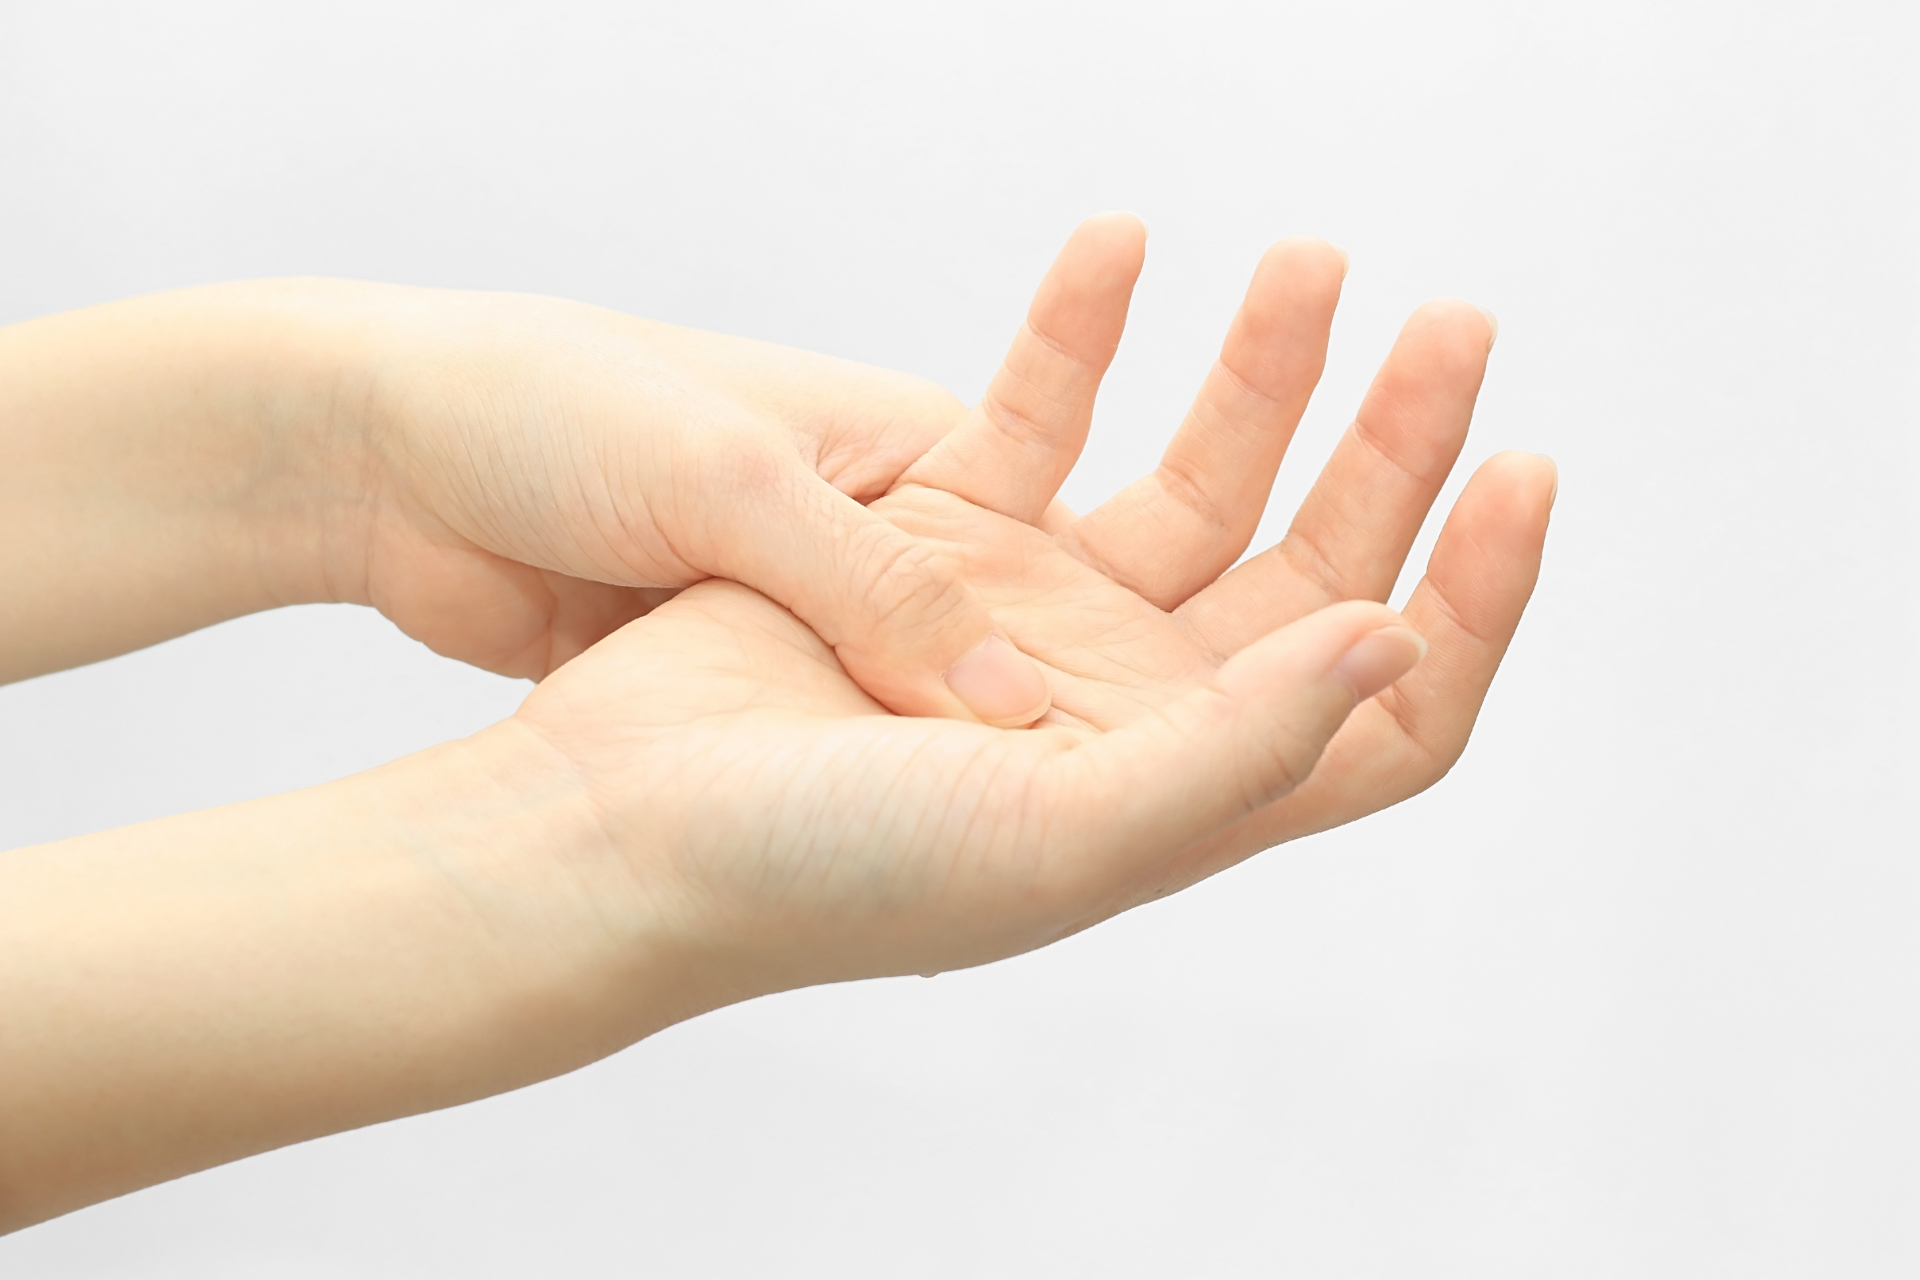 が 朝 関節 指 痛い の